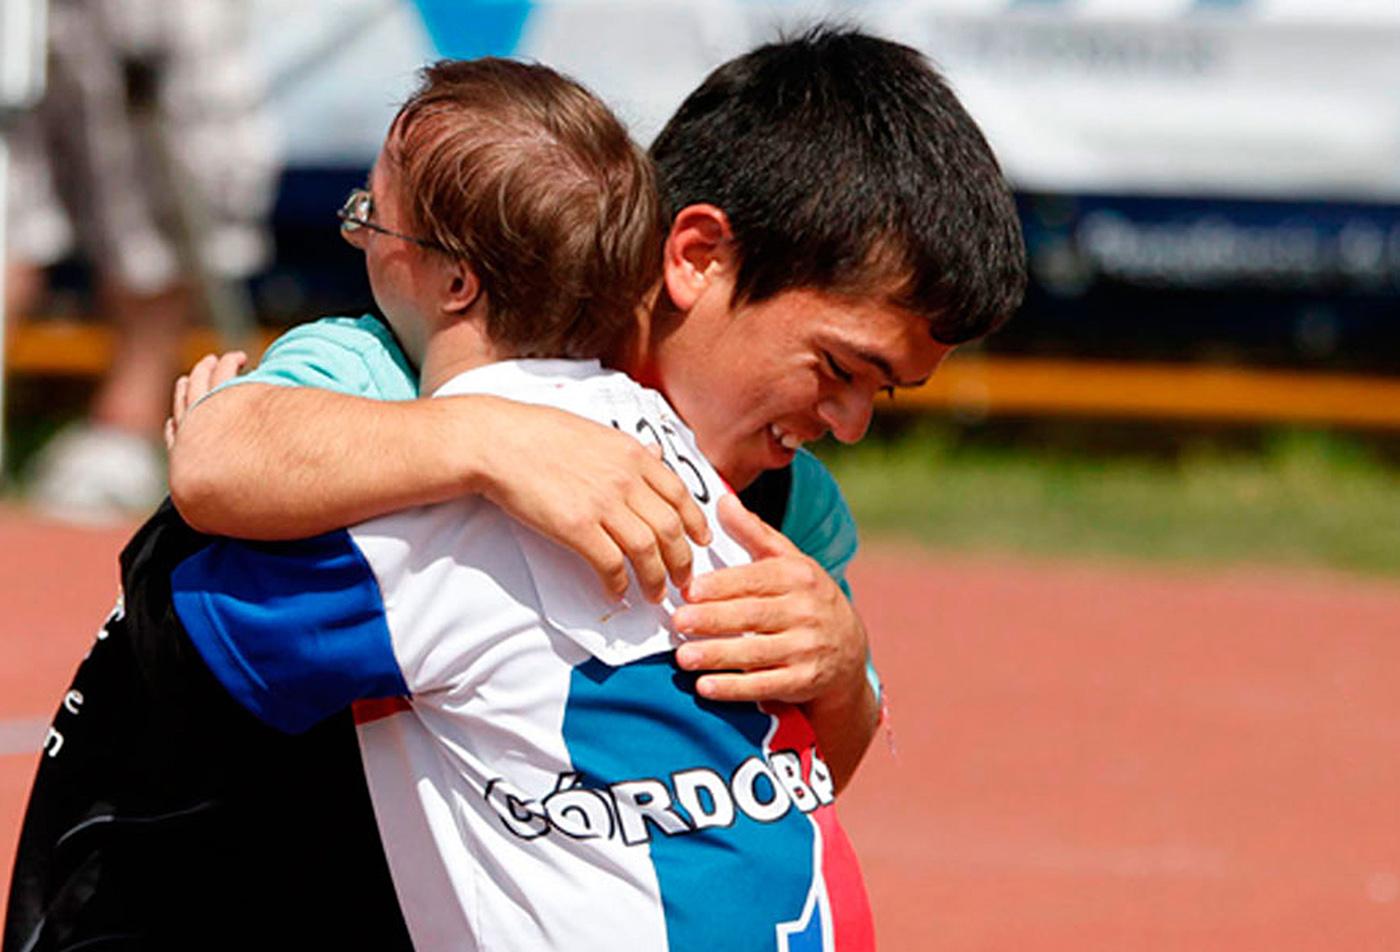 Atletismo: Buenos Aires y Corrientes dominan el Sub 18 de los Juegos Evita